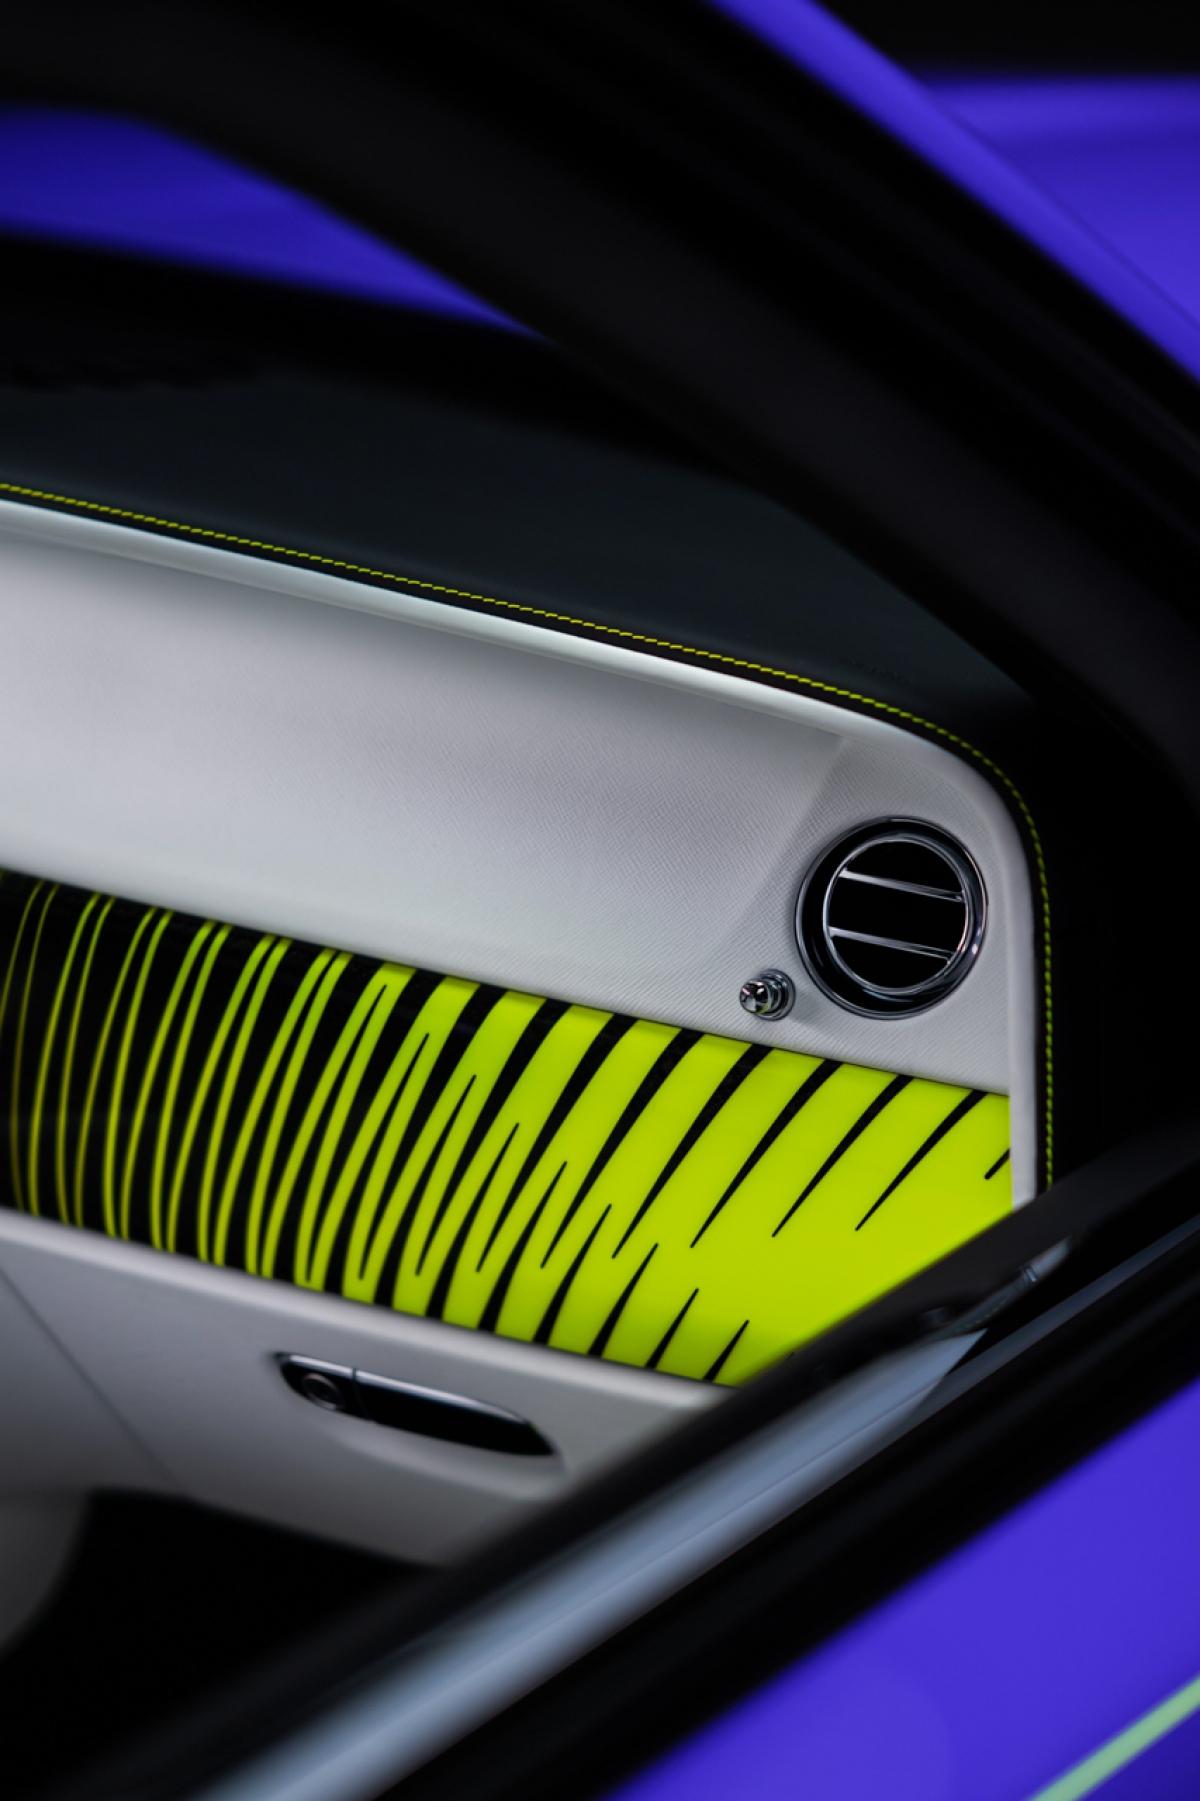 Màu sơn này đã được chuyên gia sơn của bộ phận Bespoke Rolls-Royce Sami Coultas phát hiện ra lần đầu tiên trong chuyến đi đến Tamworth, phía bắc Sydney, Úc. Chiếc xe sở hữu khoang nội thất được bọc da màu xám Scivaro Grey cùng các đường chỉ khâu màu xanh lá Lime Rock Green nổi bật.